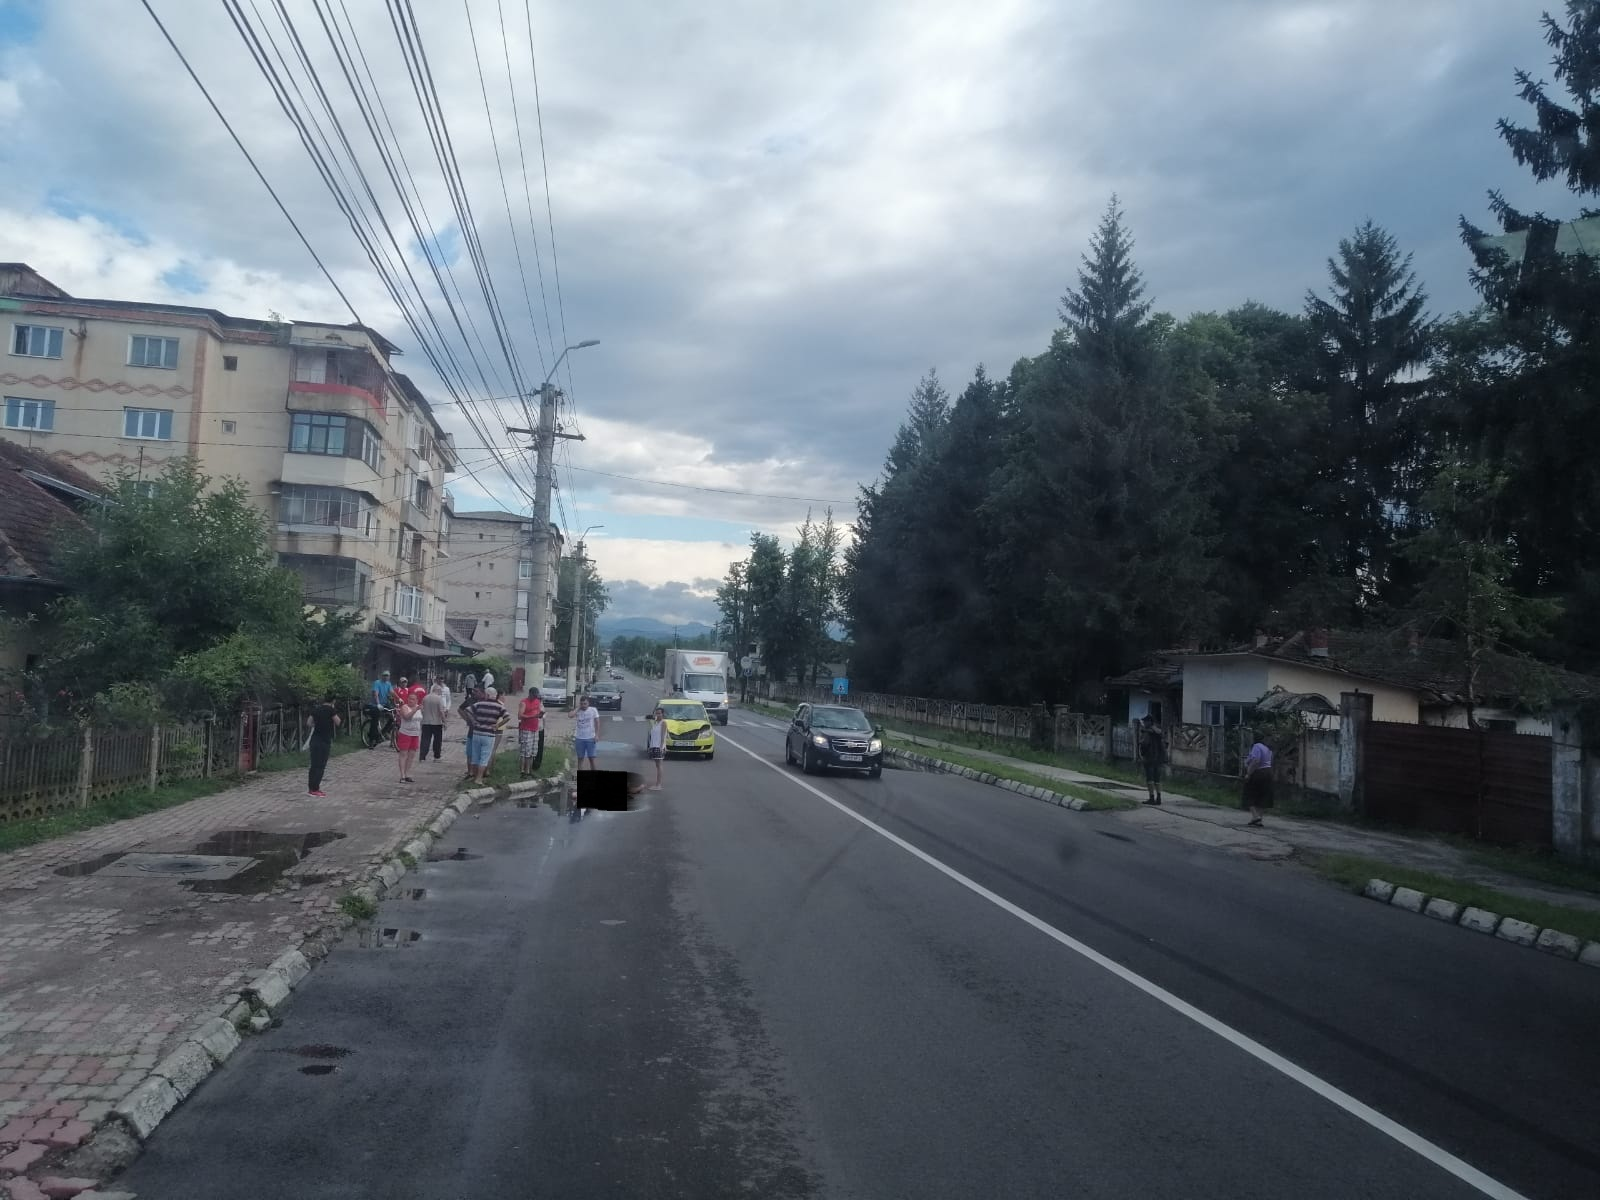 ACCIDENT GRAV LA PUCIOASA! O TÂNĂRĂ A FOST LOVITĂ ÎN ZONA  TRECERII PENTRU PIETONI